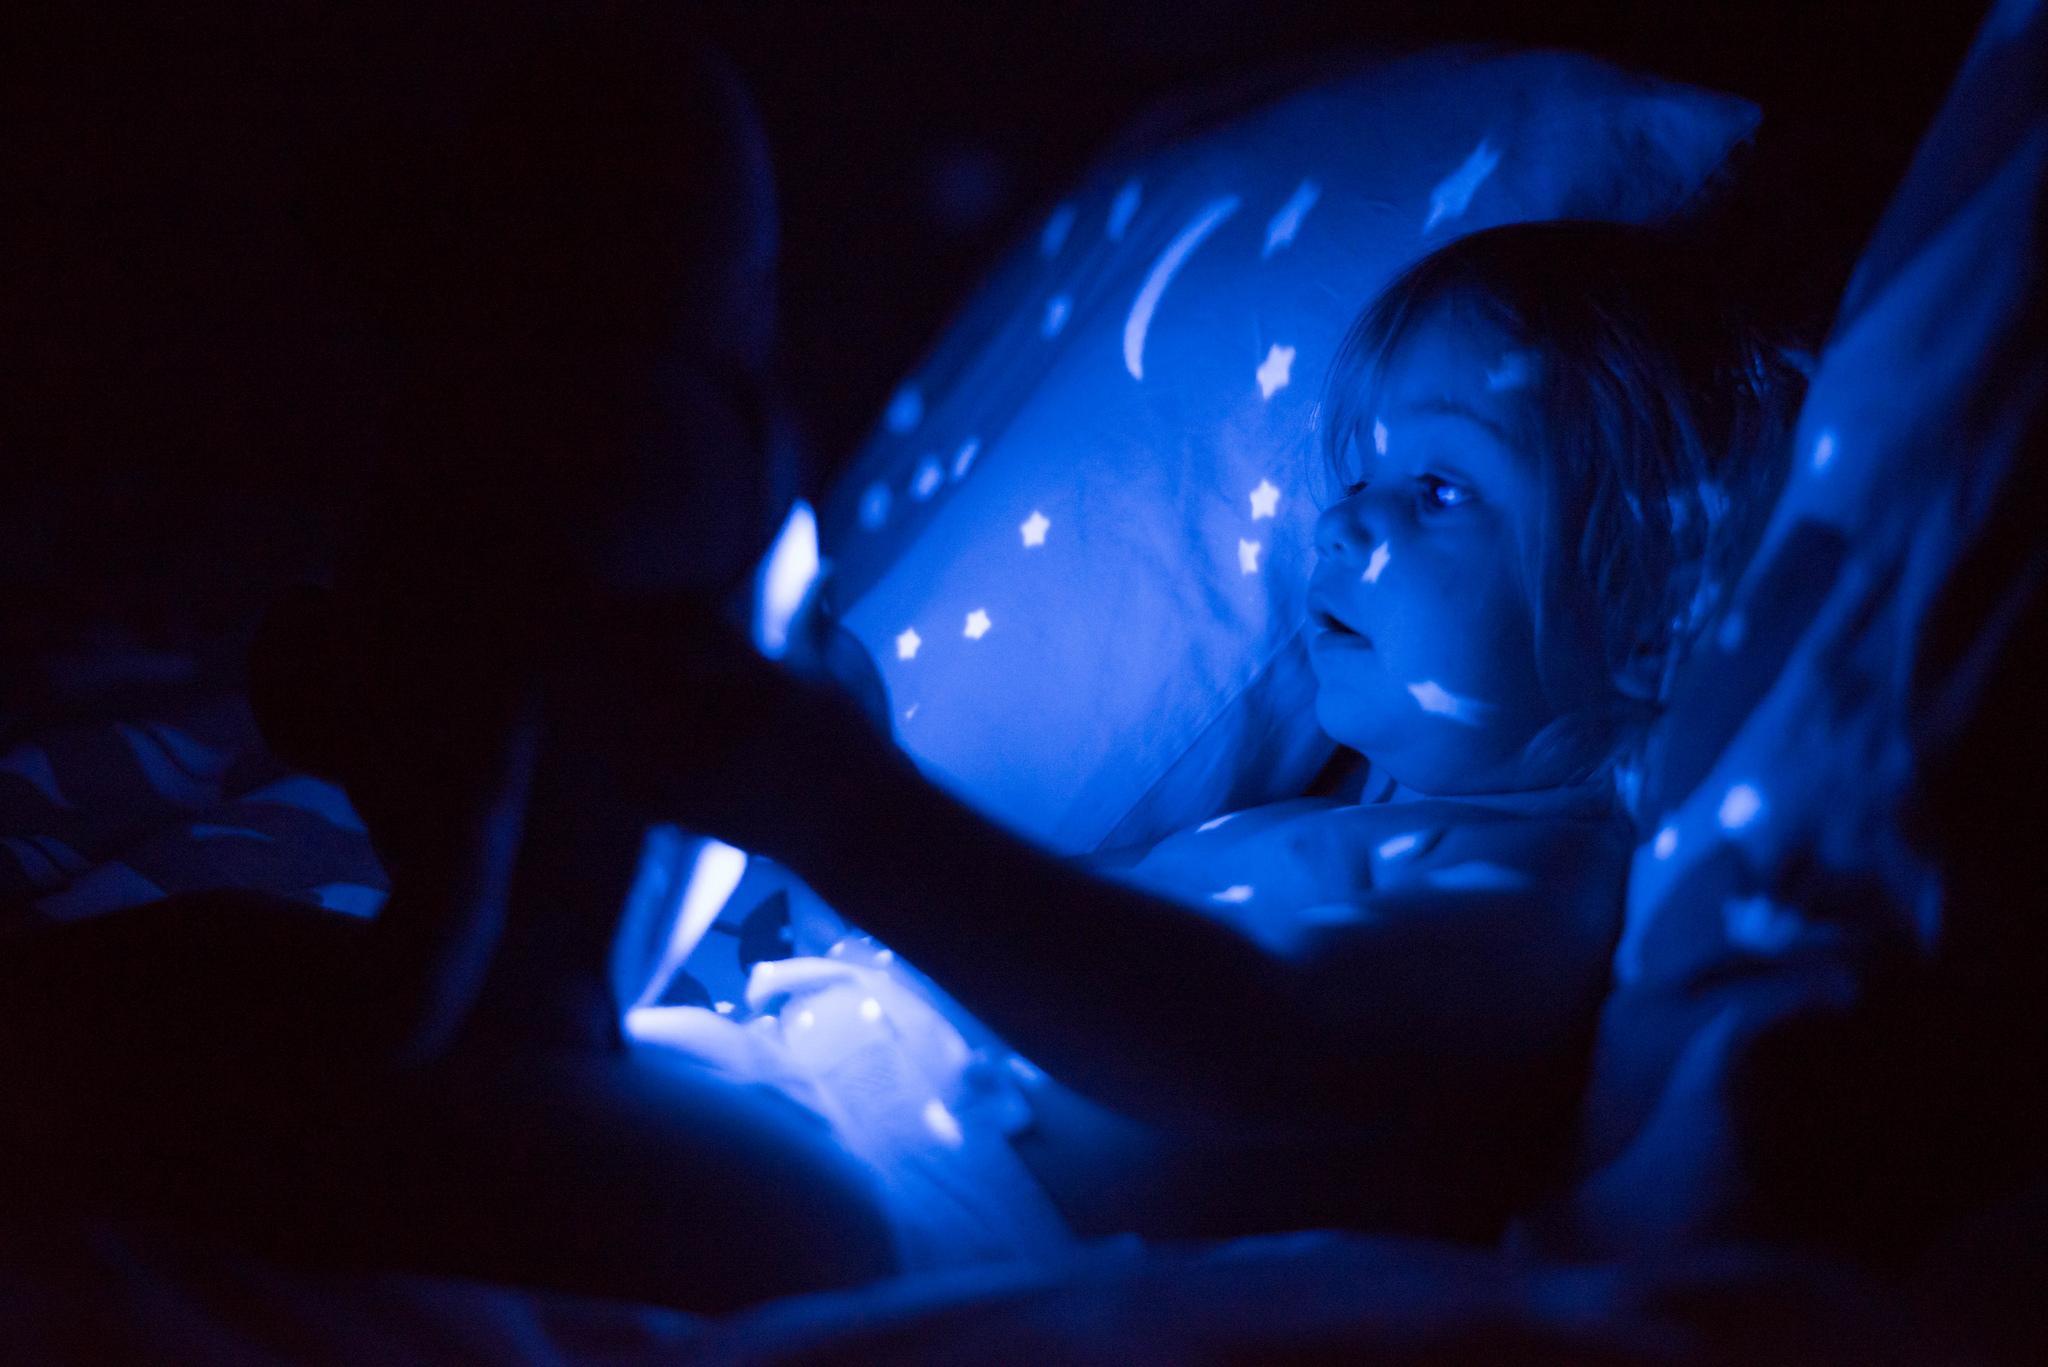 Aludj csak, mi álmodunk! – Hogyan segíthet a szülő a sötéttől való félelem oldásában?